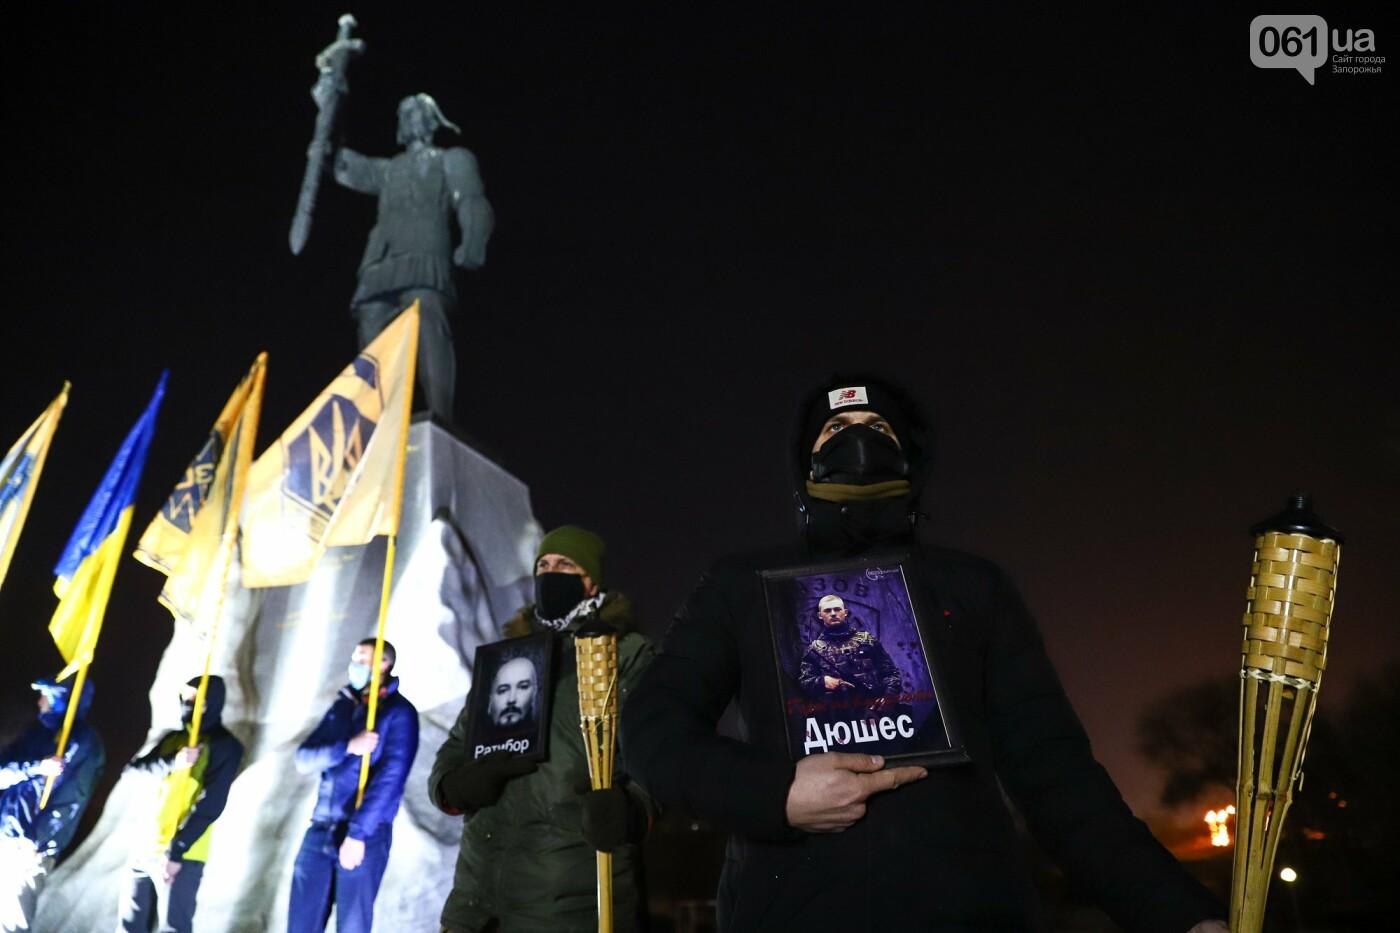 Бои за Широкино: в Запорожье зажгли факела в память о погибших бойцах, - ФОТОРЕПОРТАЖ , фото-4